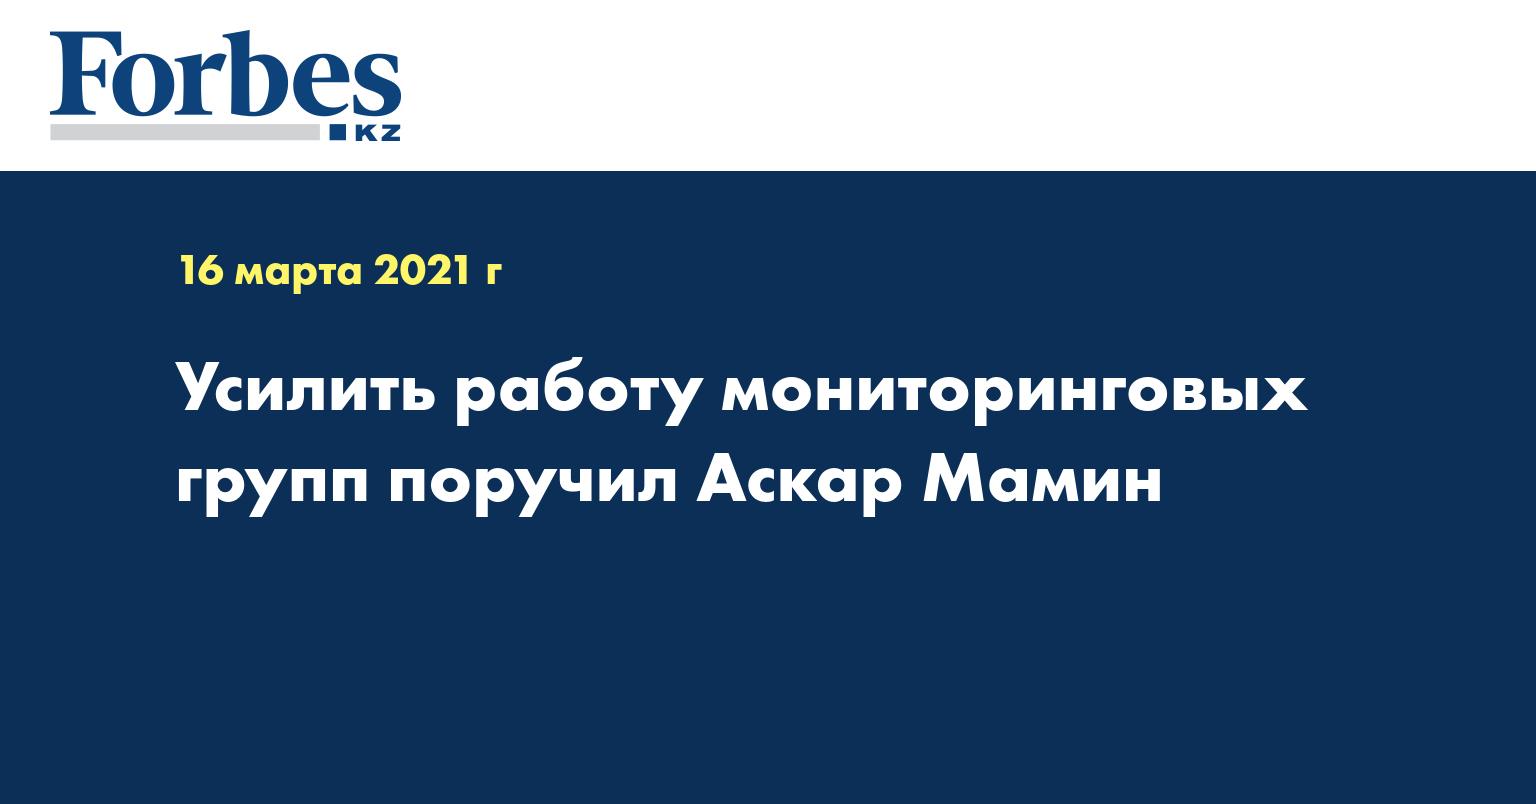 Усилить работу мониторинговых групп поручил Аскар Мамин